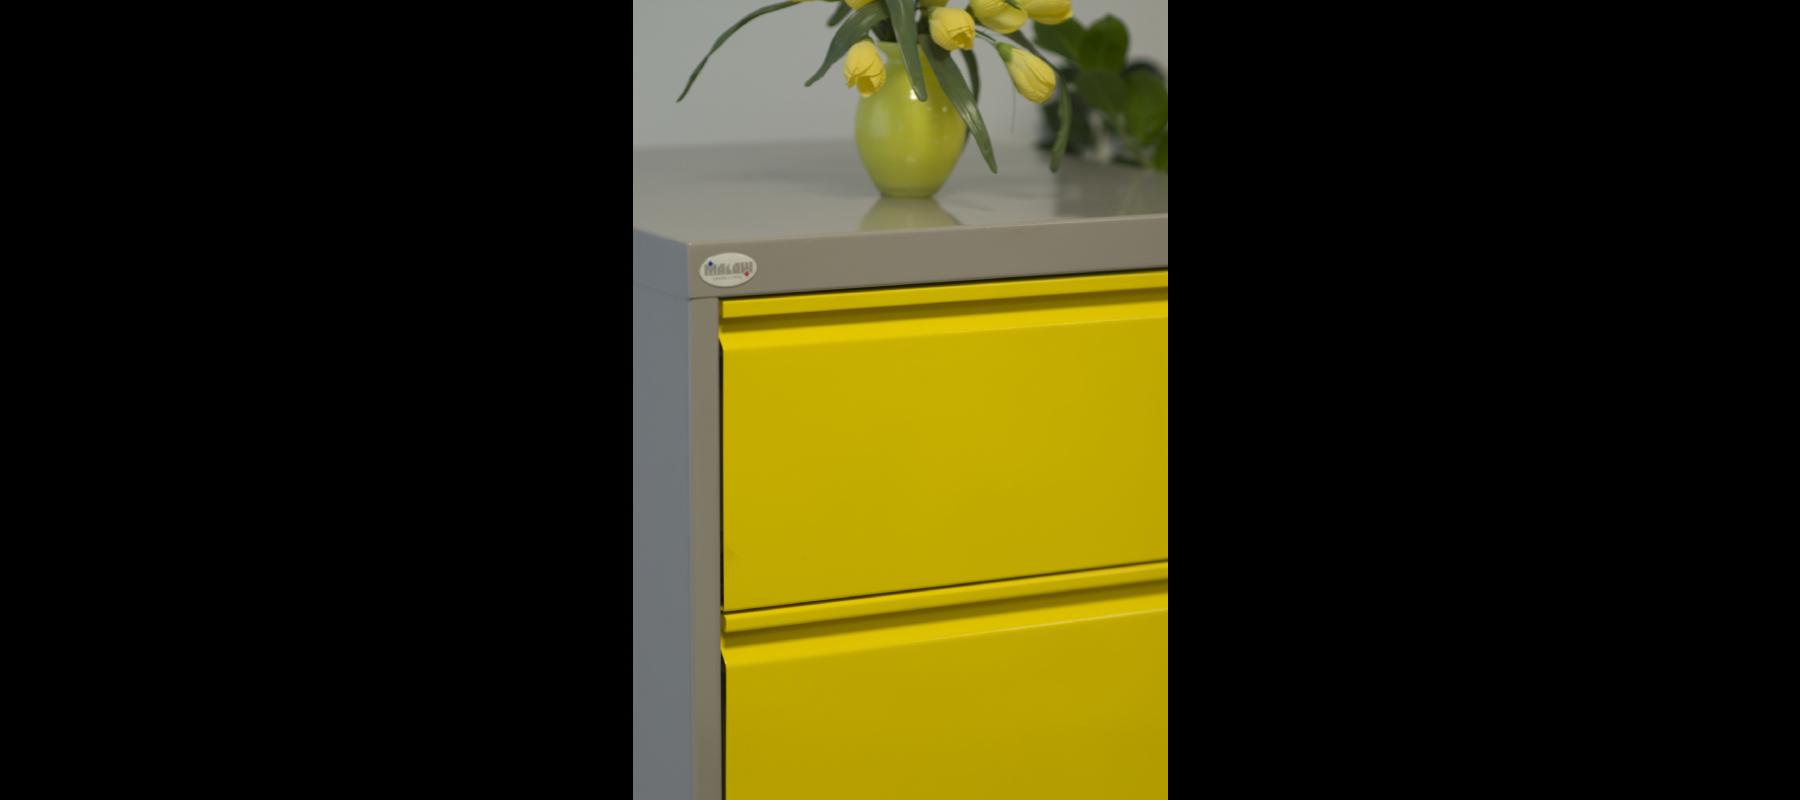 meble metalowe metalowe meble biurowe szafy szufladowe mw detale - 01